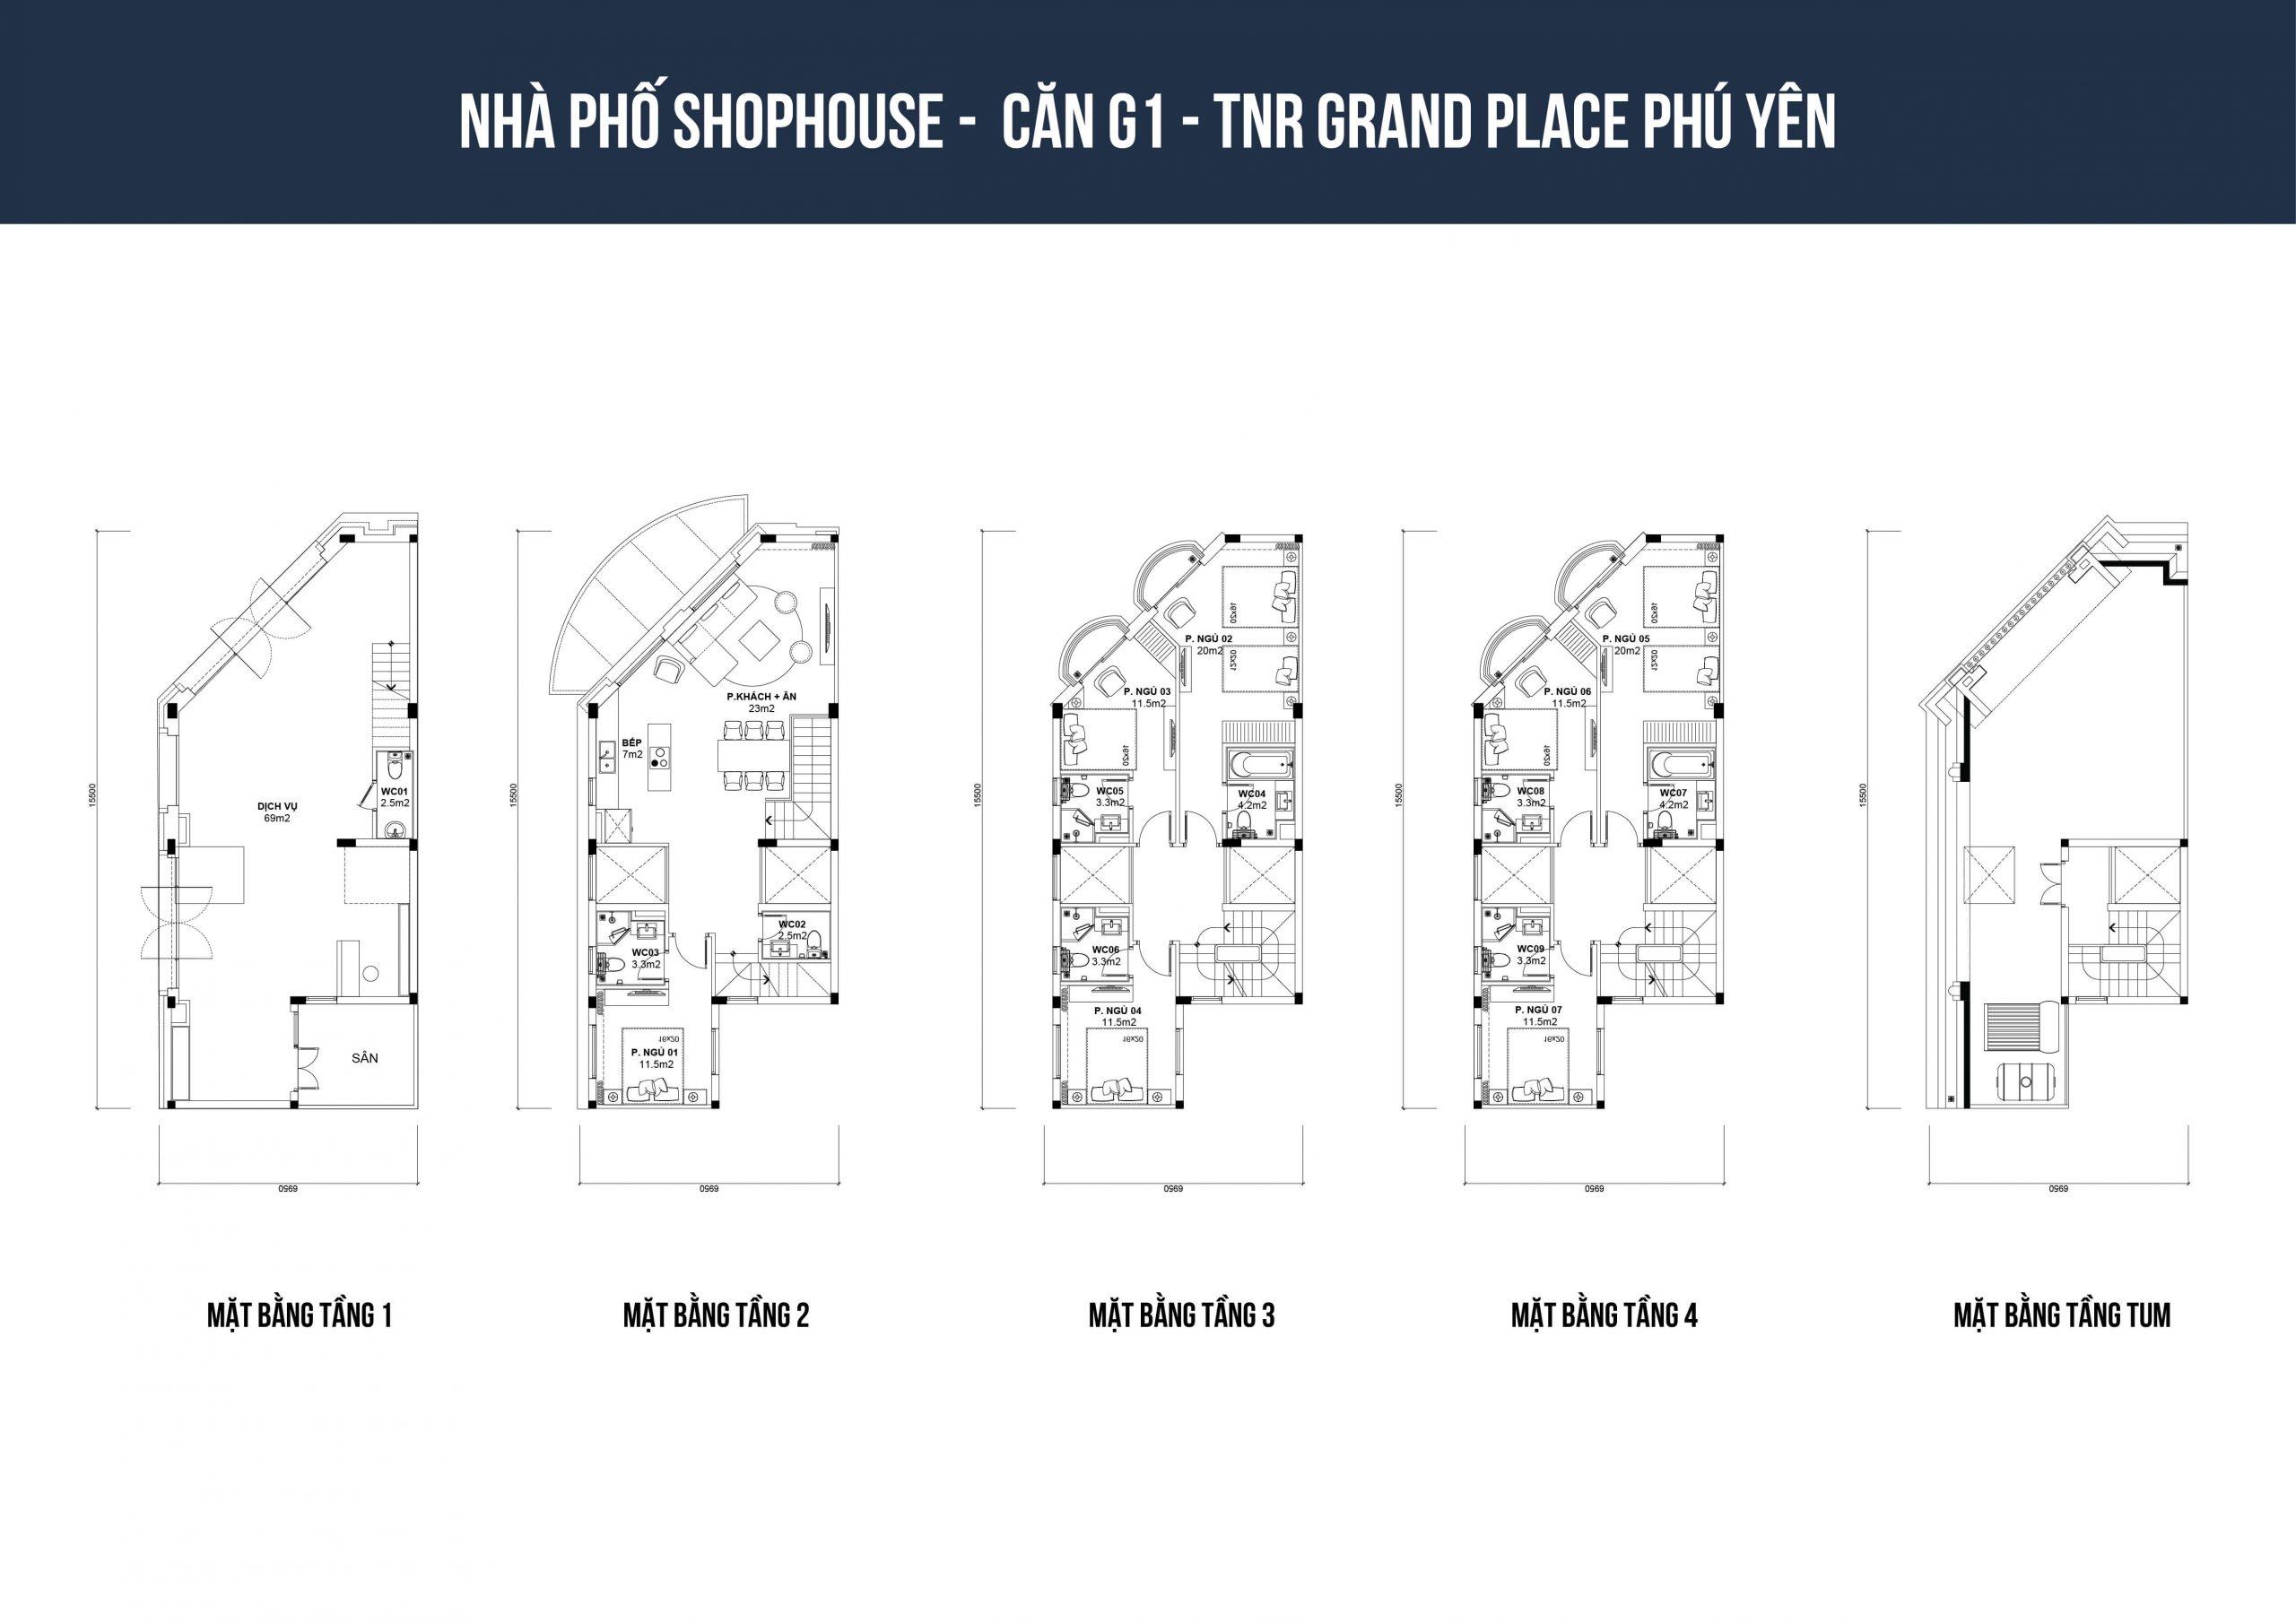 thiết kế shophouse tnr phú yên loại g1